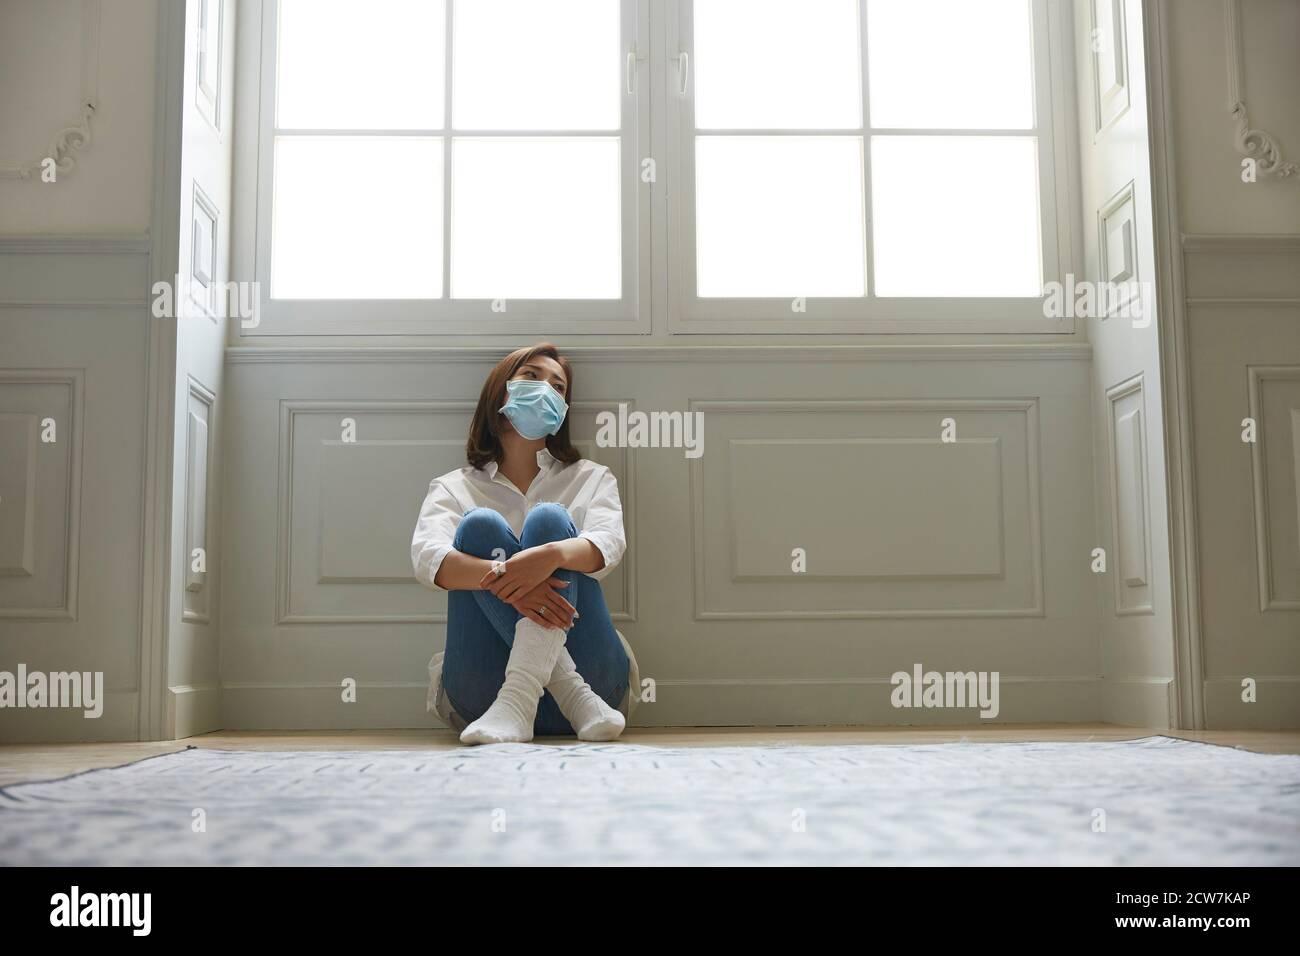 mujer asiática joven en cuarentena en casa usando máscara facial sentado en las piernas del piso se cruzó con un aspecto triste y deprimido Foto de stock